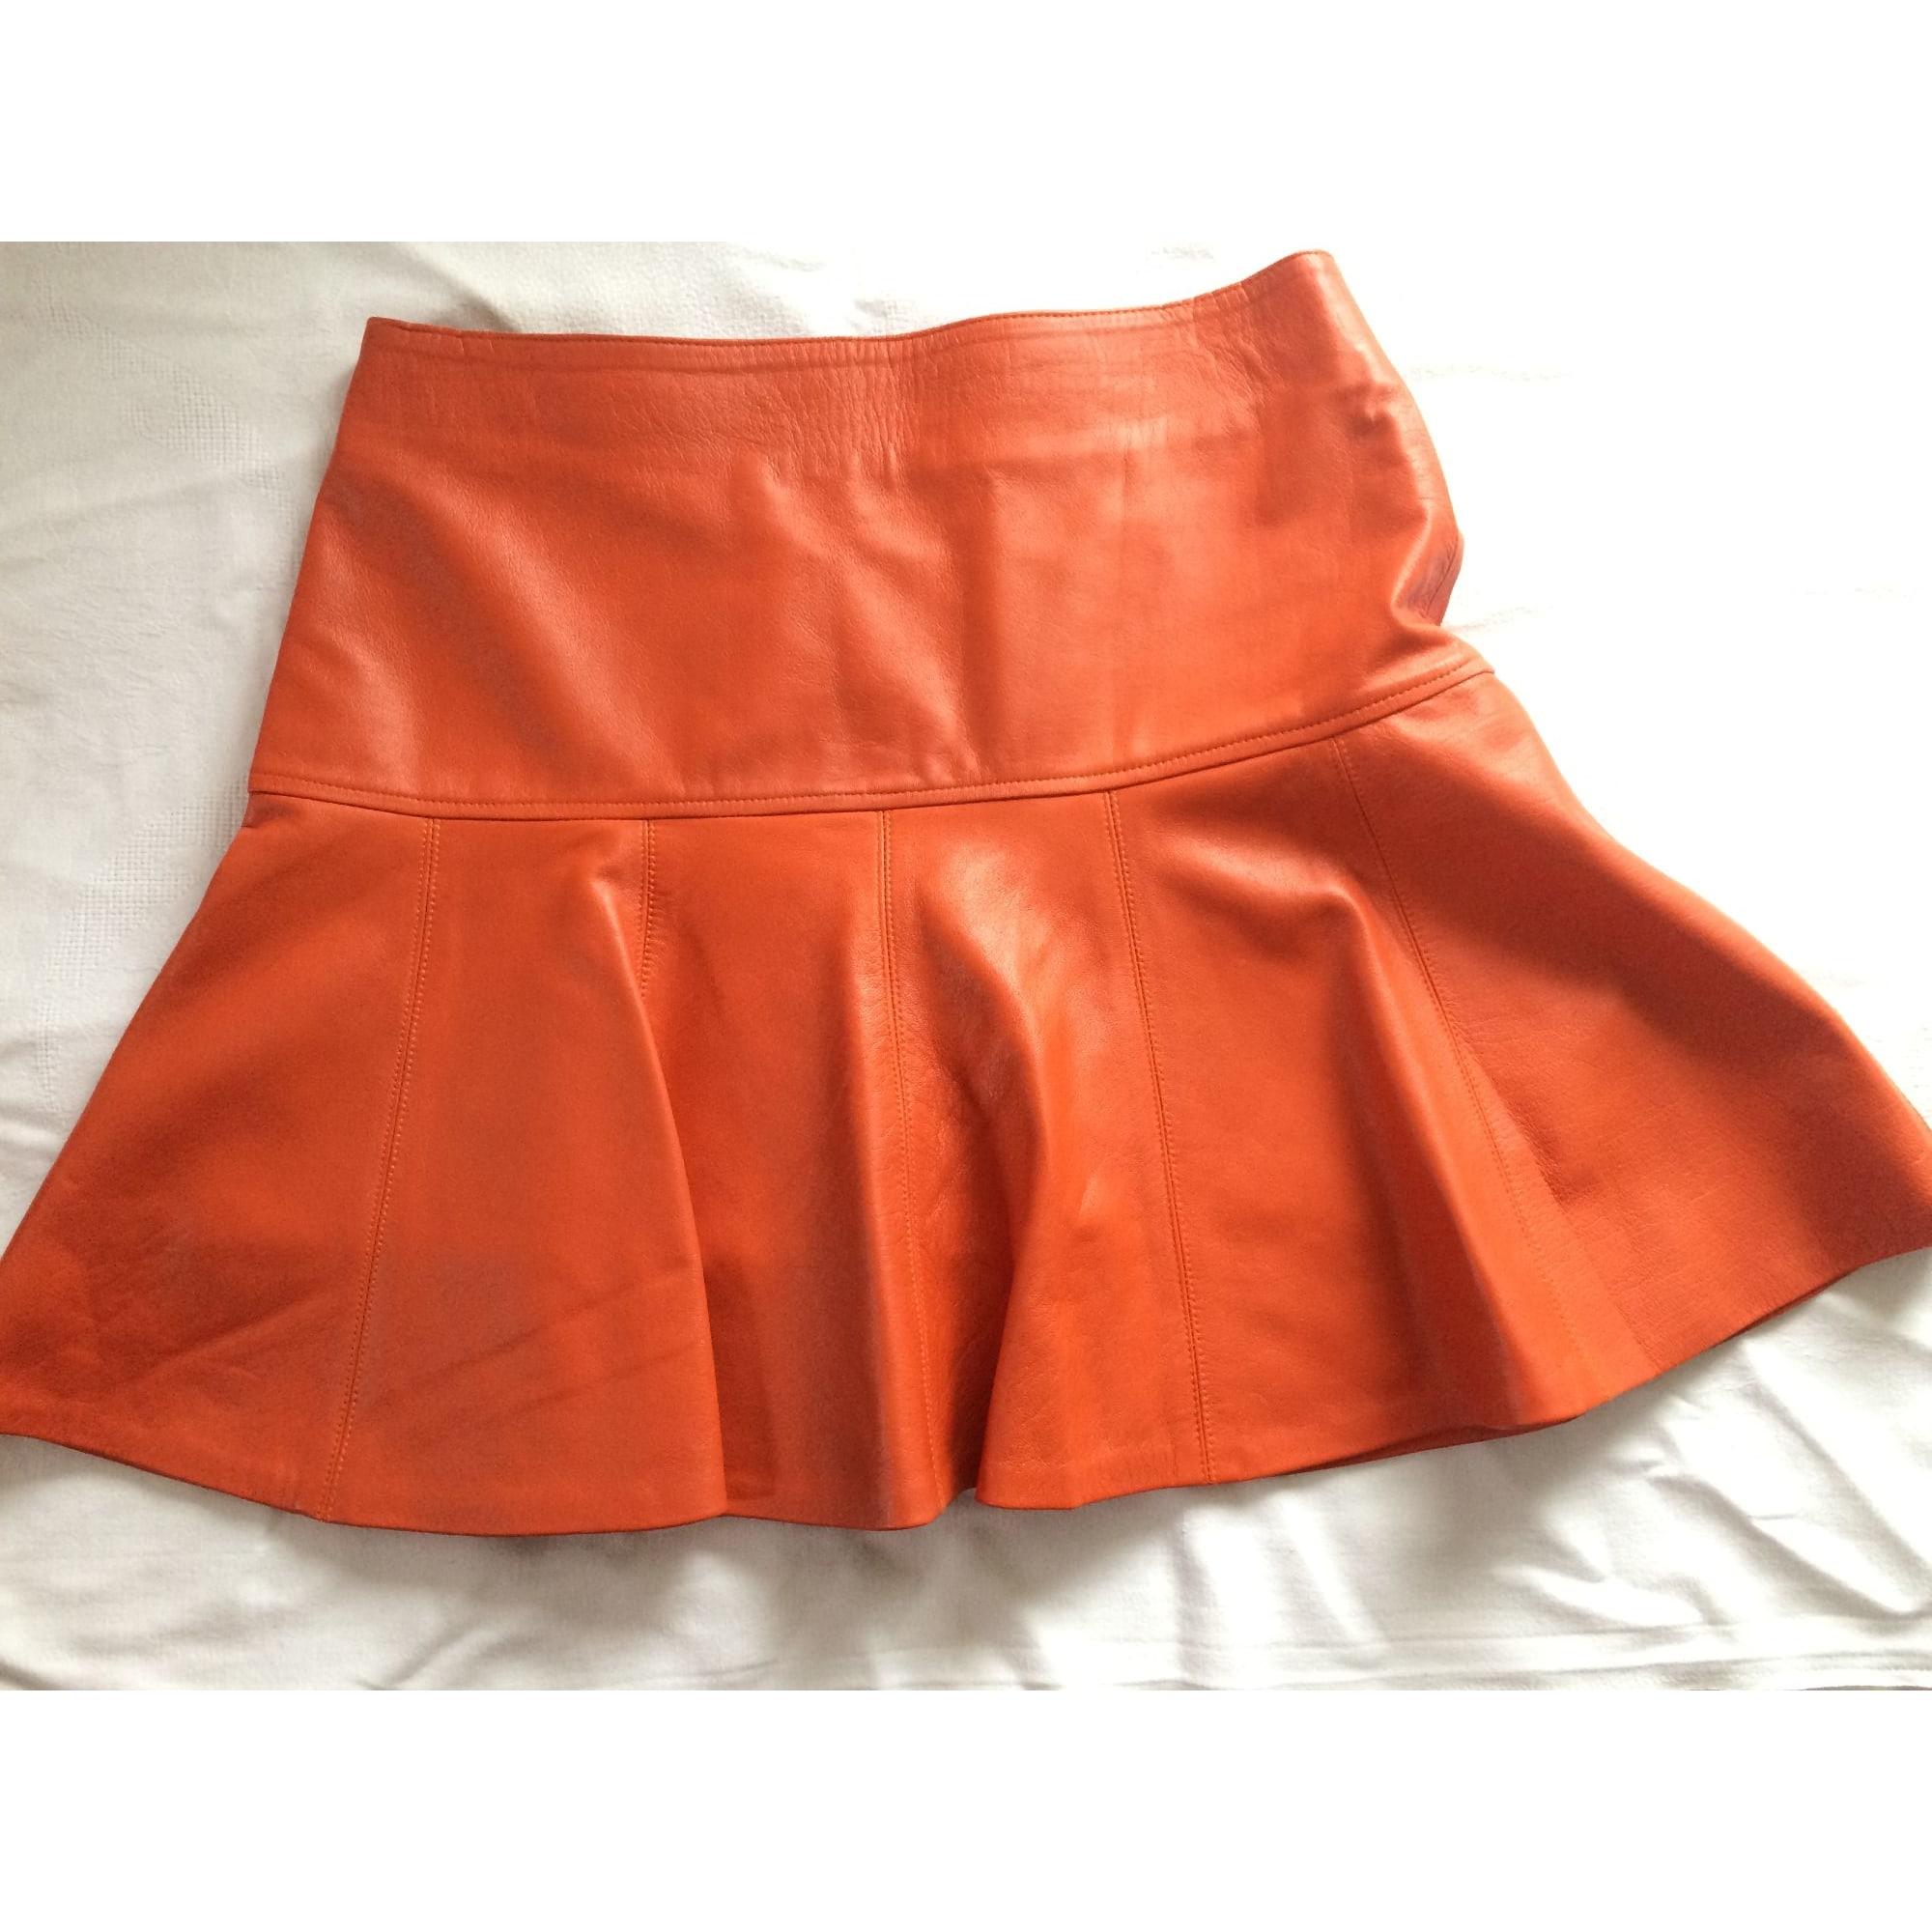 Jupe courte MARQUE INCONNUE Orange